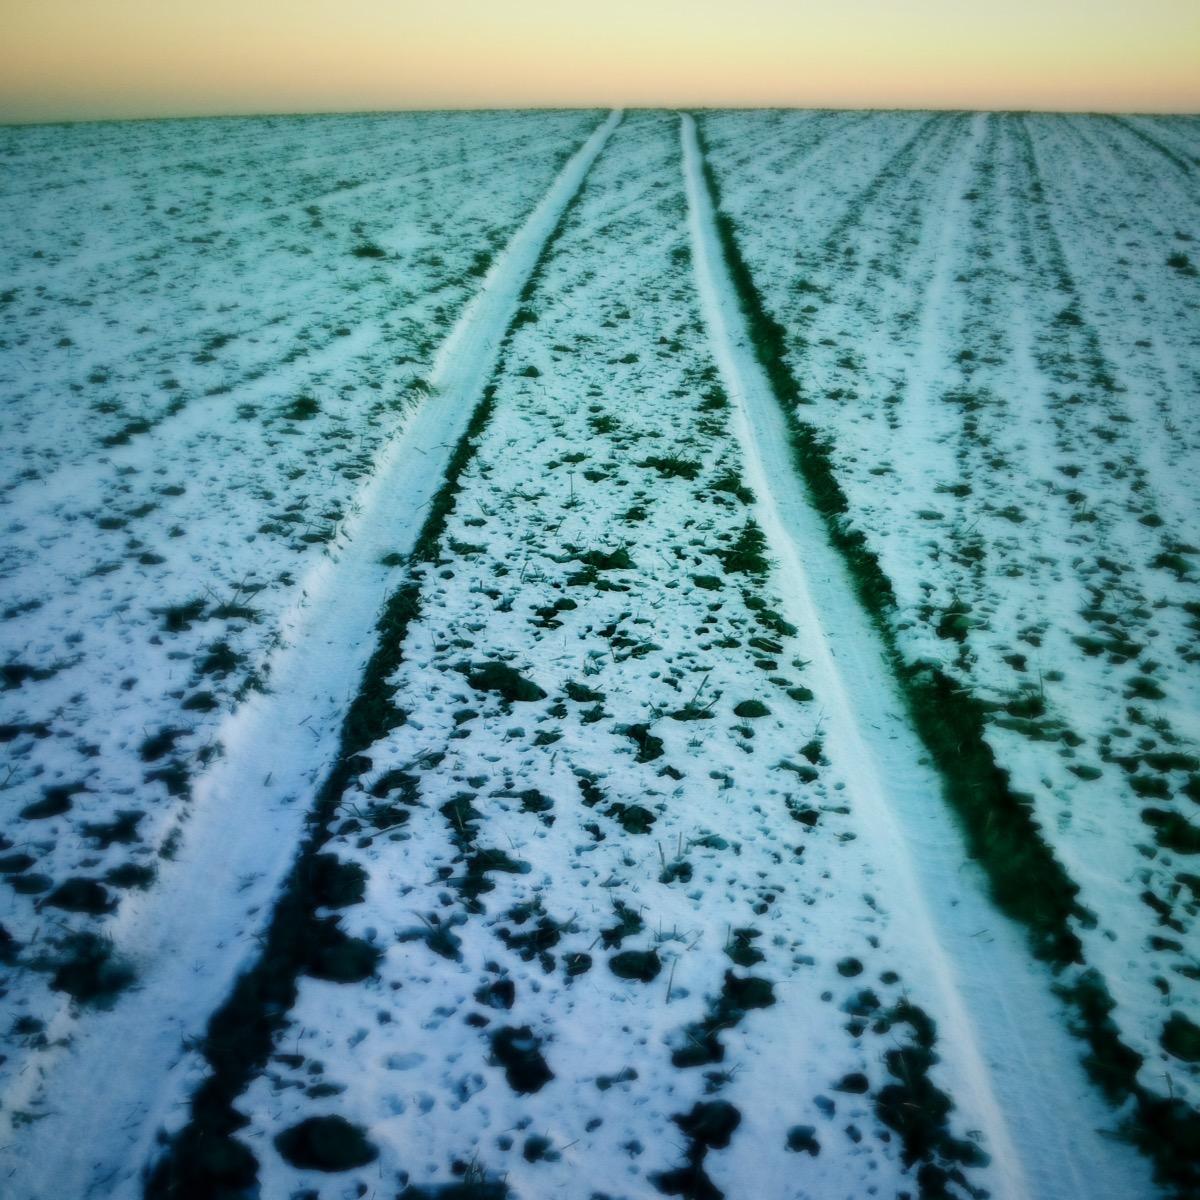 Schnurgerade Traktorspur im Schnee auf Acker, grünlich-blau verfremdet mit einem winzigen Streifen dreckig gelben Himmels.